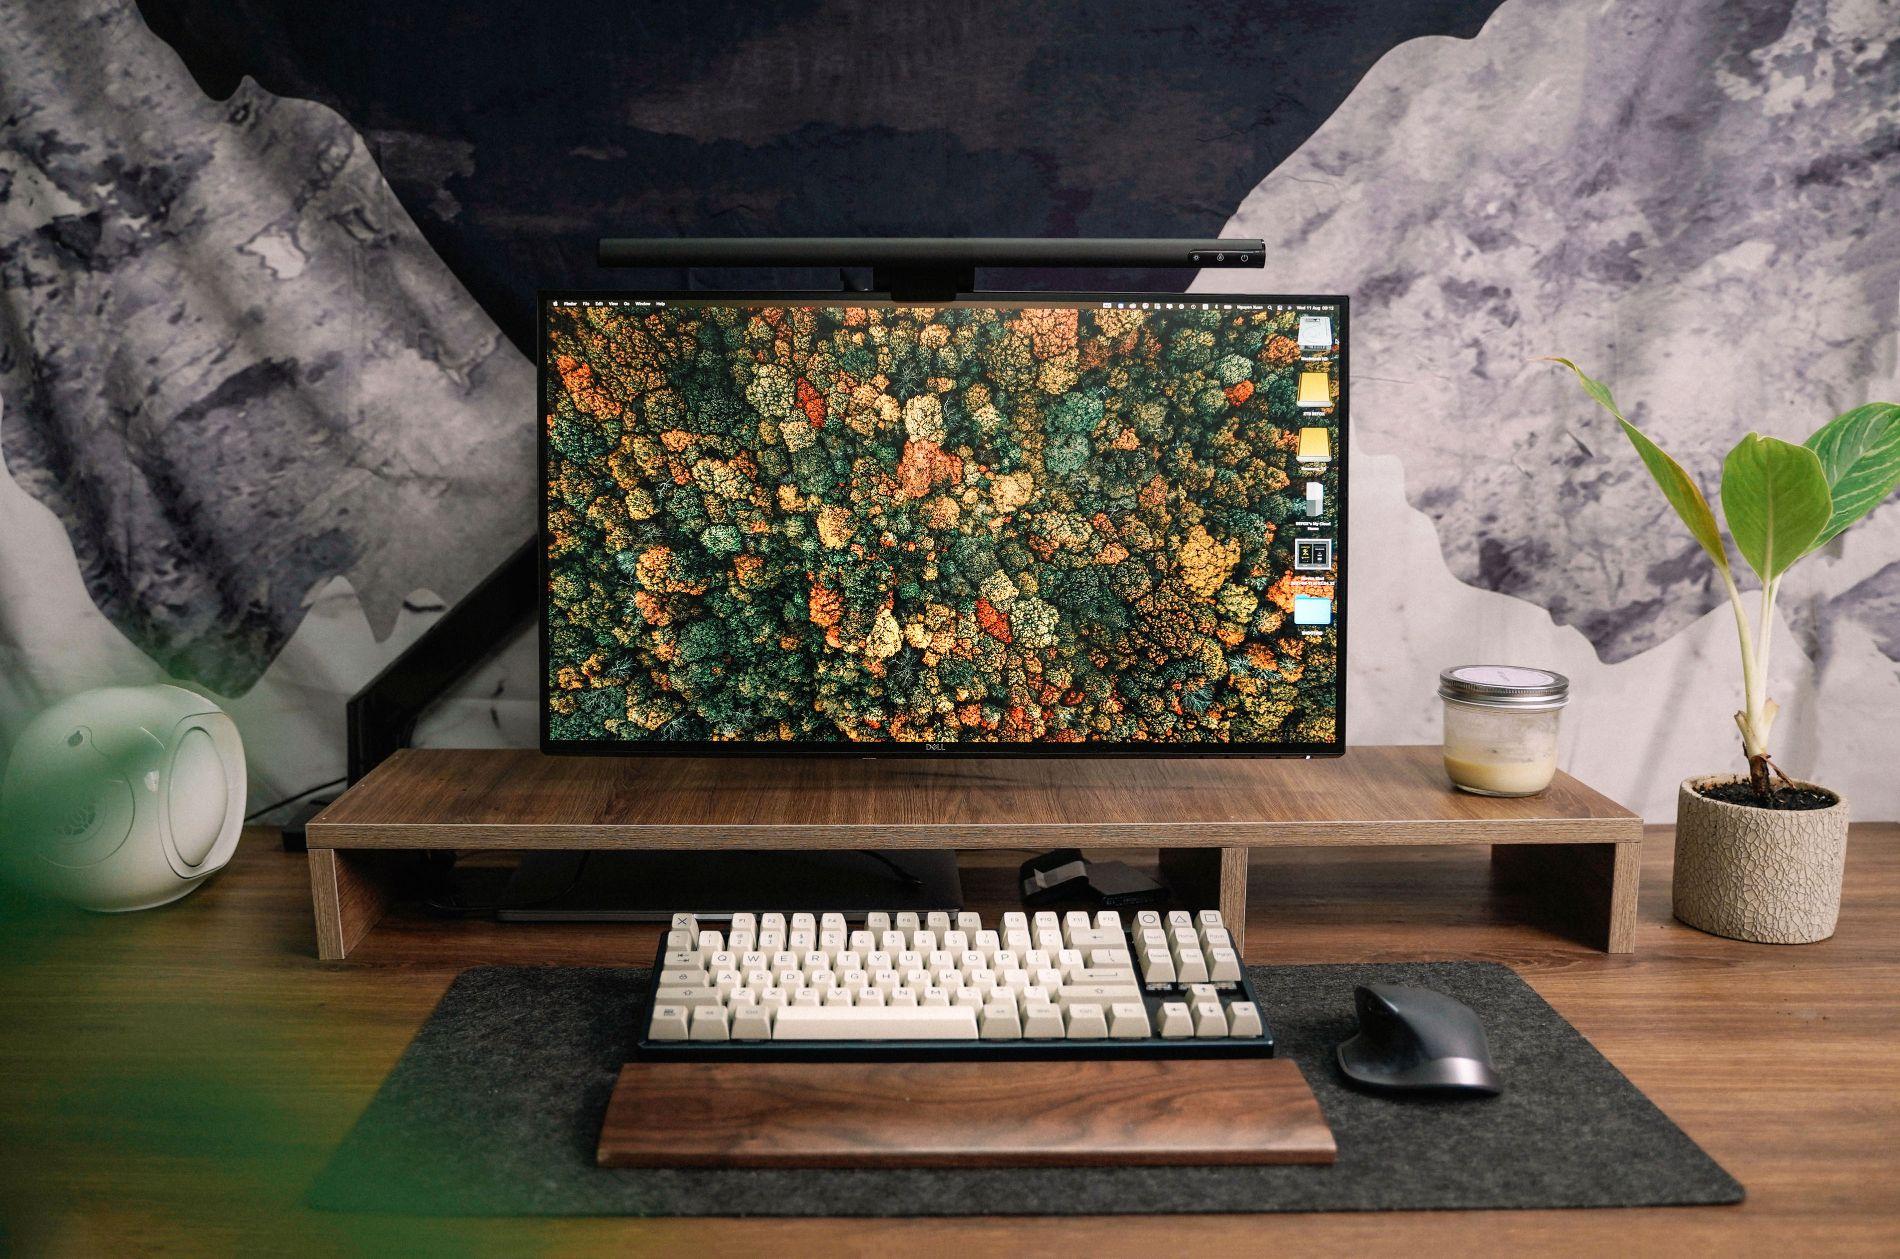 giá treo màn hình NB F80 - Arm man hinh NB F80 Northbayou giá đỡ màn hình F80